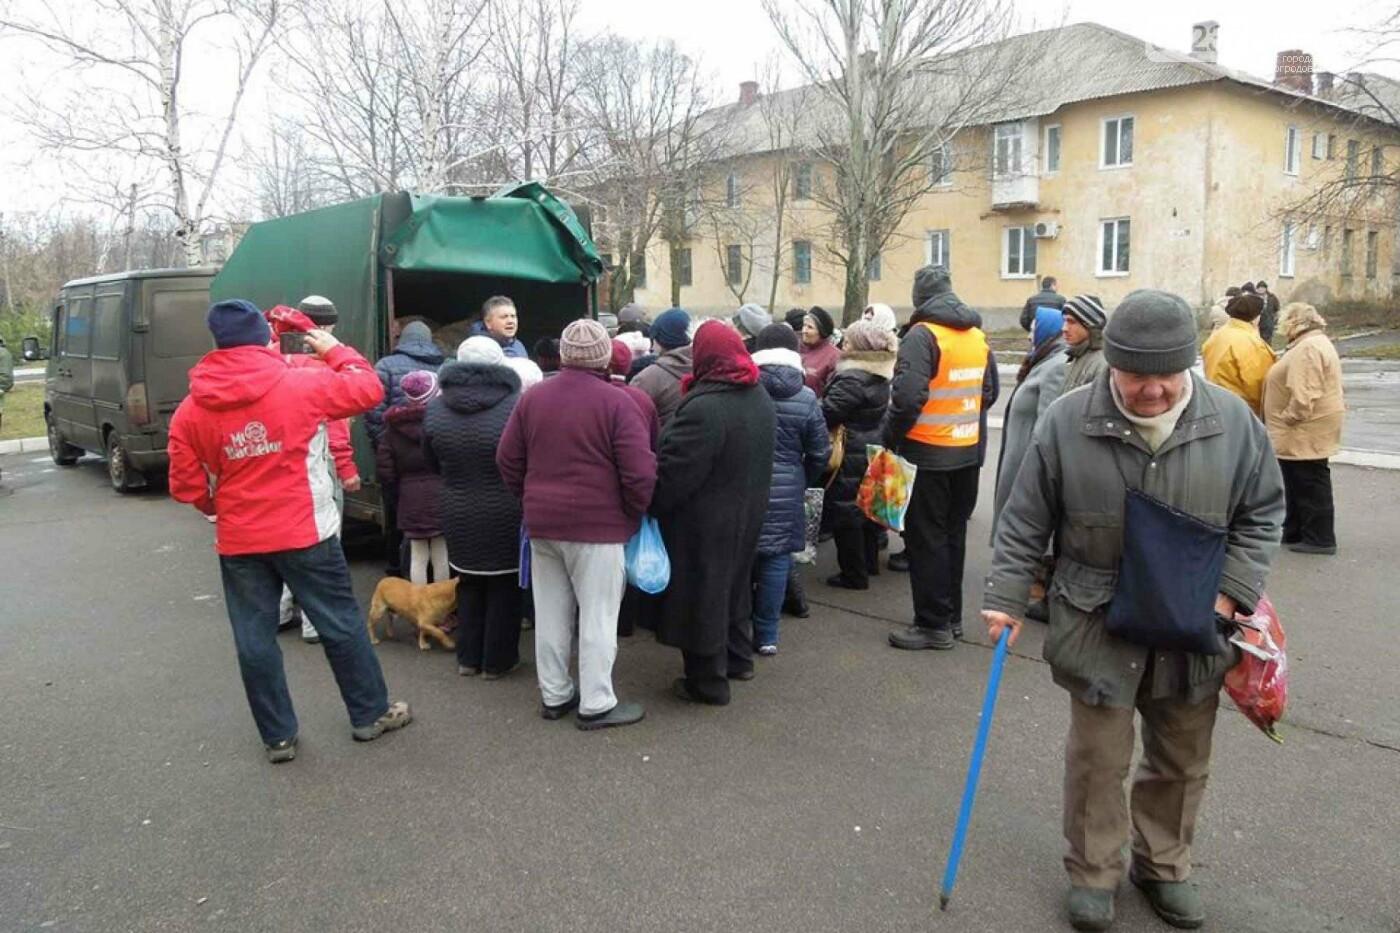 Угроза взрыва: в Великой Новоселке эвакуировали население, фото-1